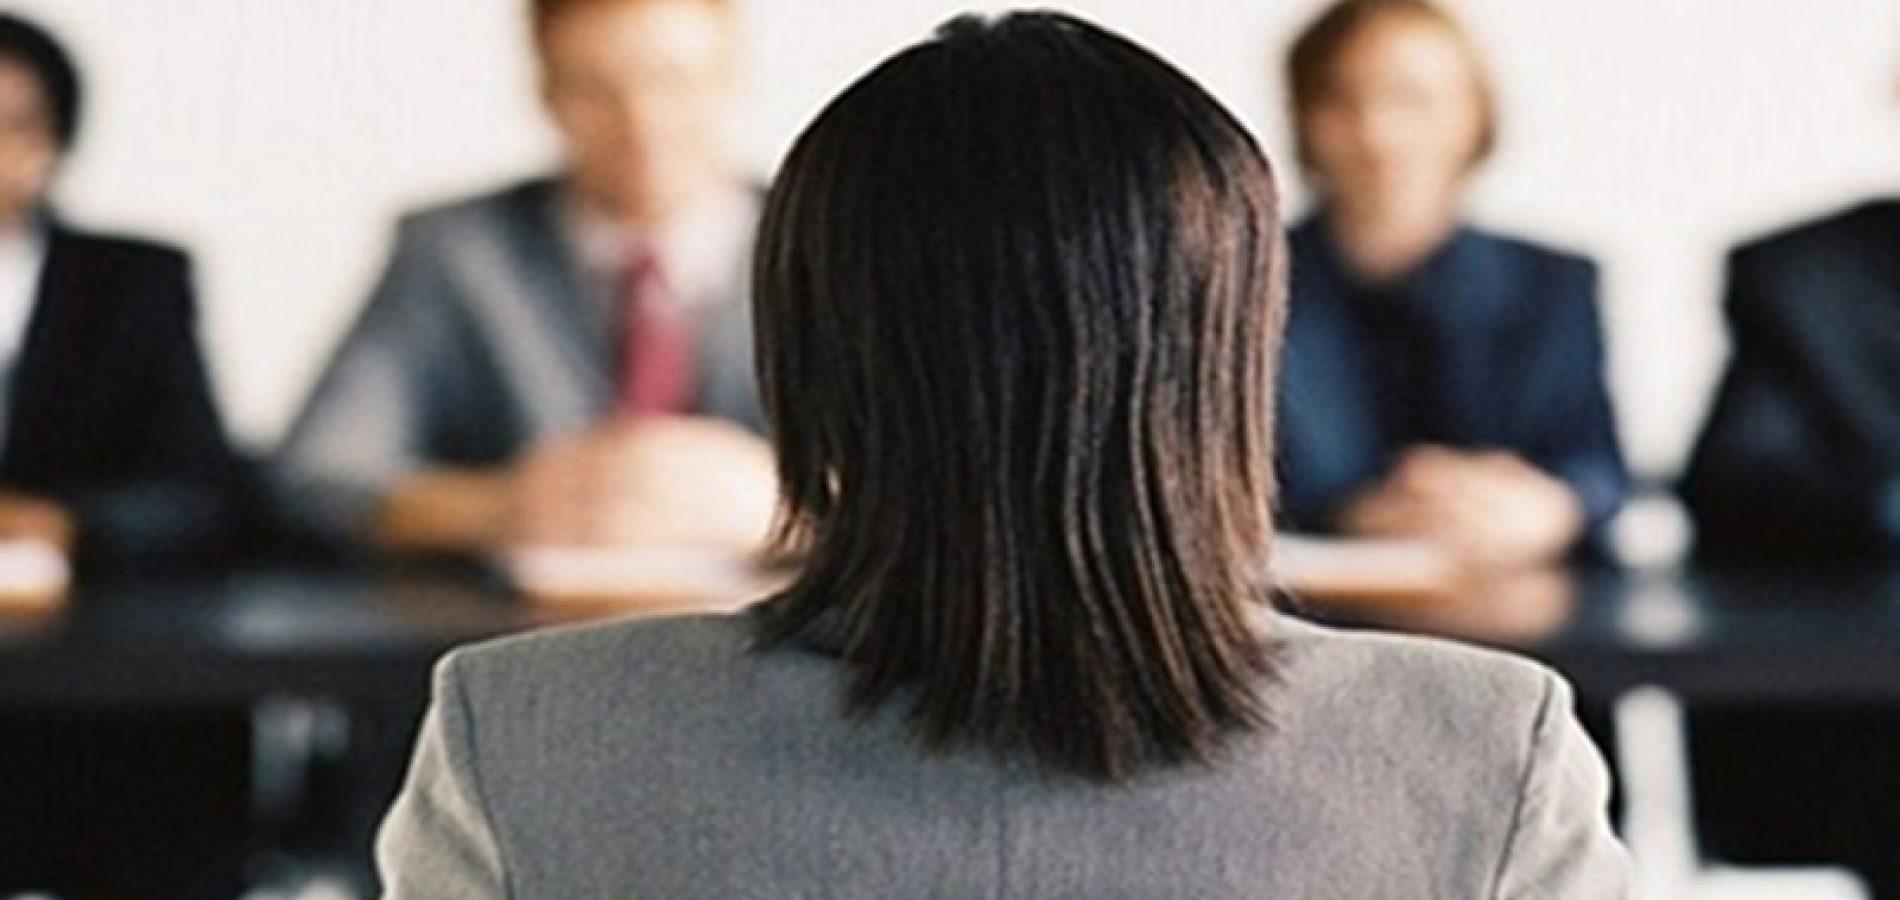 Partidos buscam mulheres para garantir candidaturas de homens